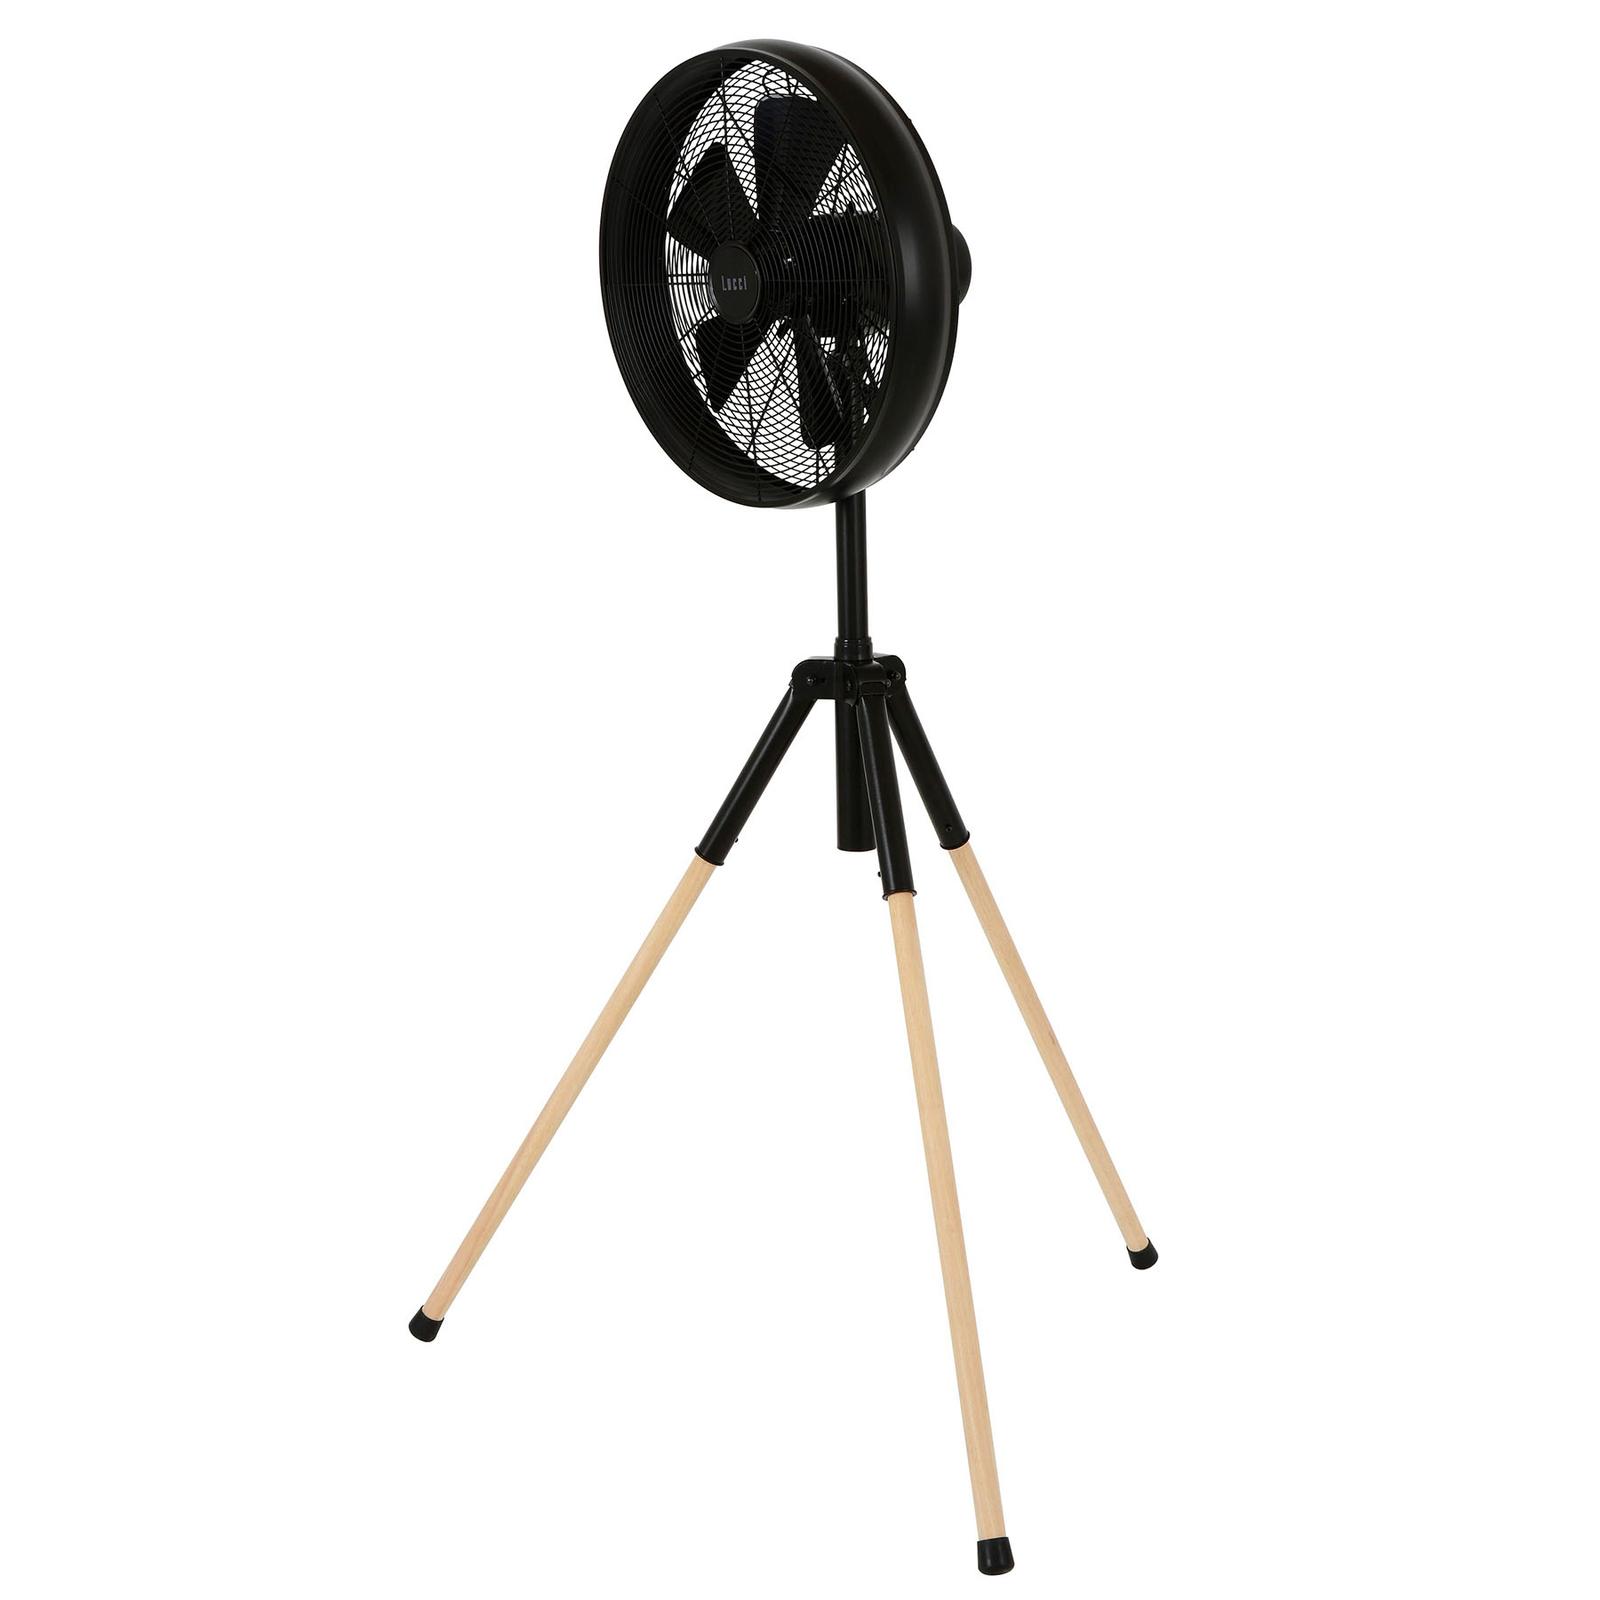 Standventilator Breeze 153cm, Dreibein, schwarz